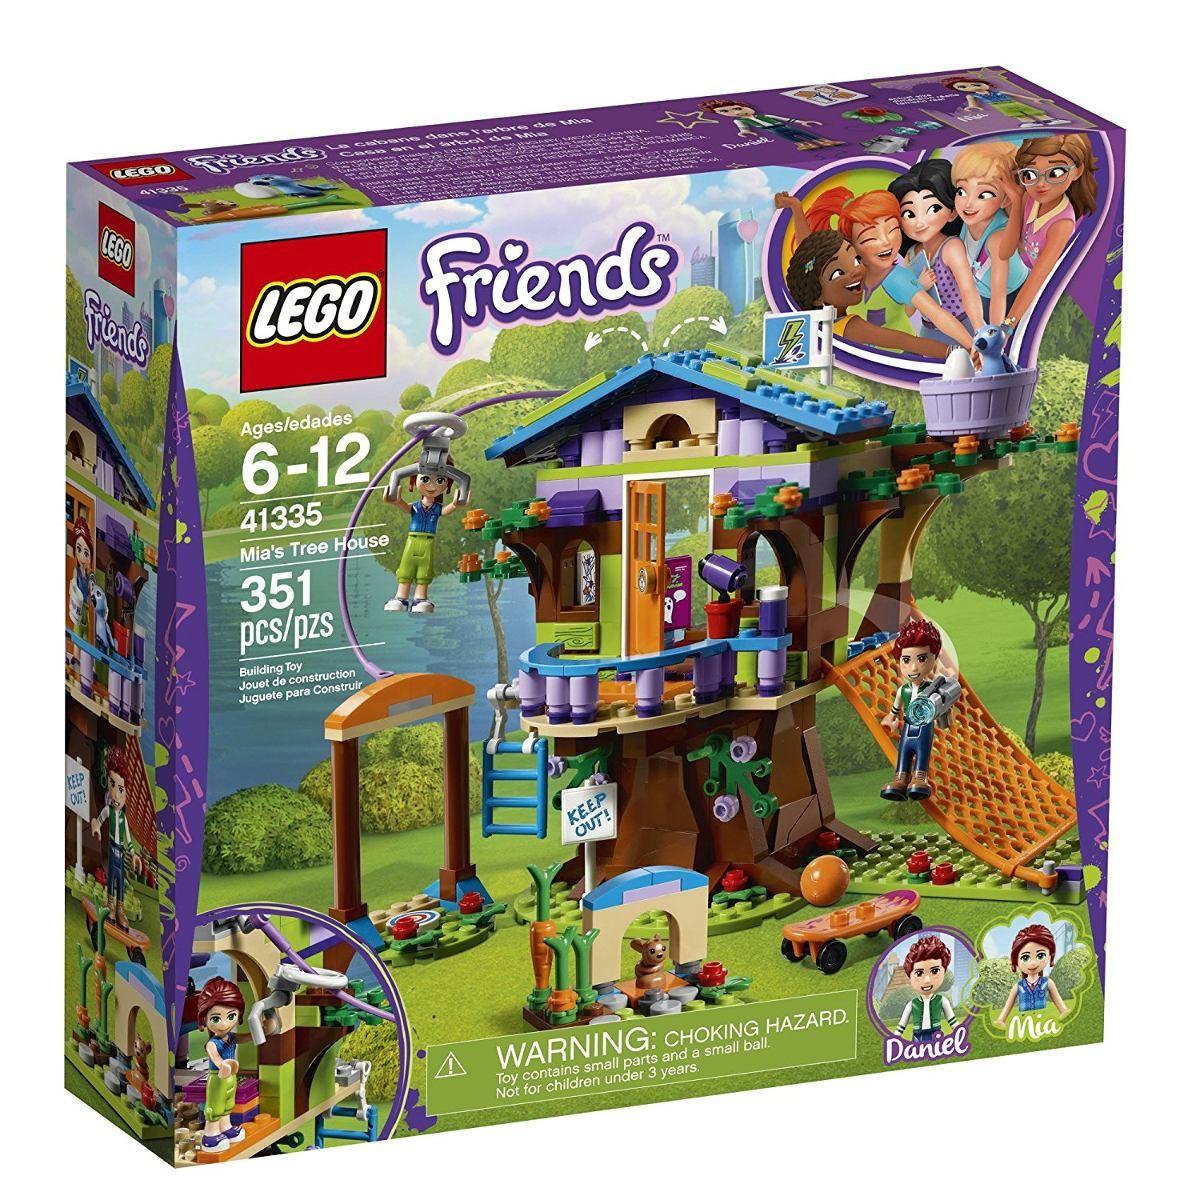 Lego 41335 Friends - a Casa da Árvore da Mia -351 peças